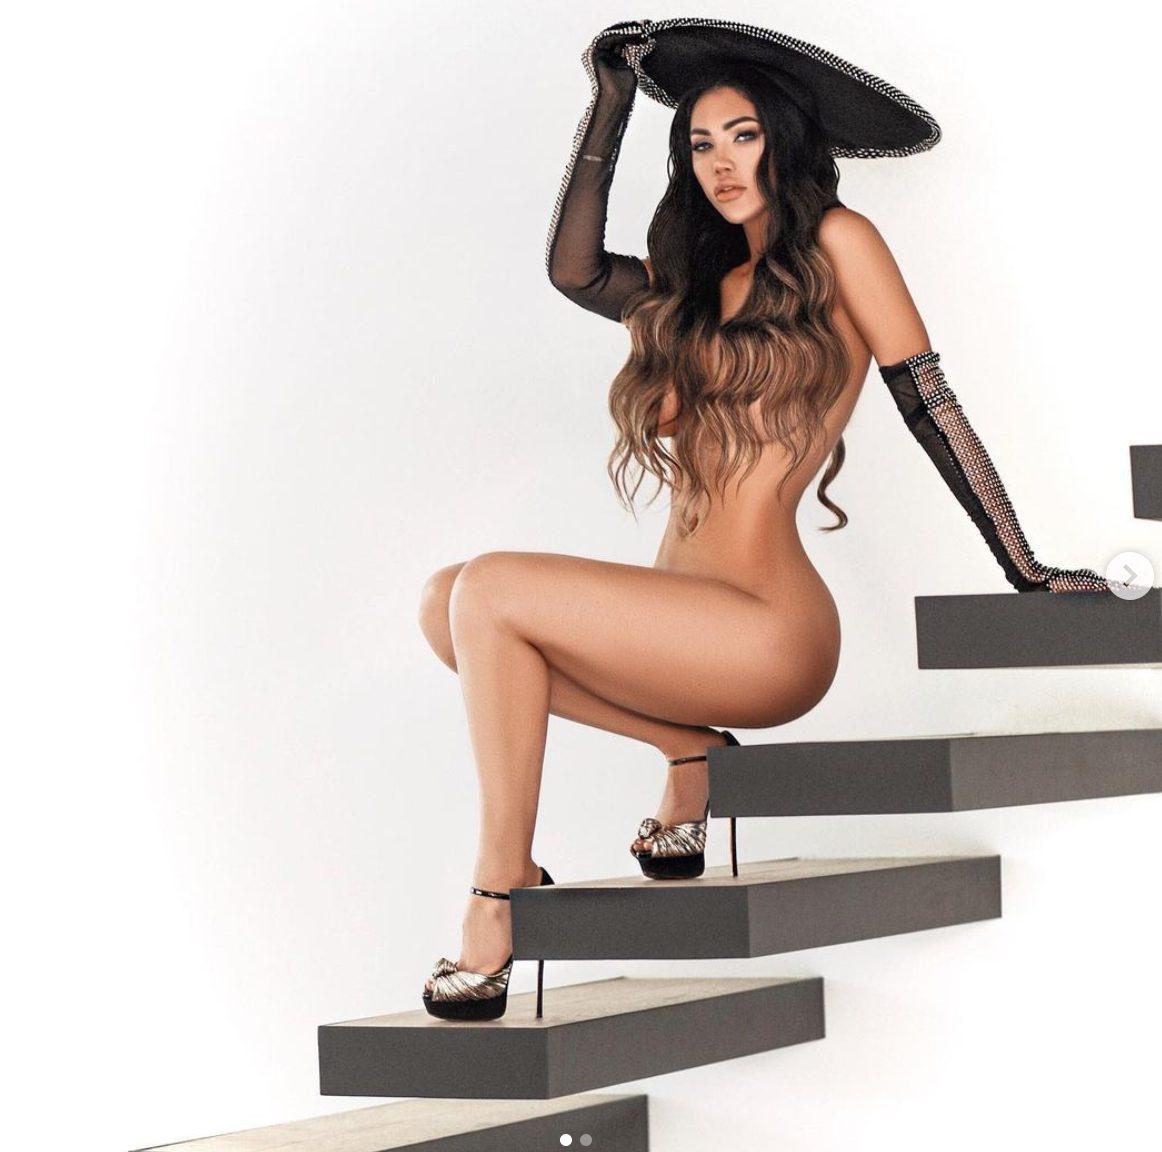 La bellissima Erika Gray nuda sulle scale